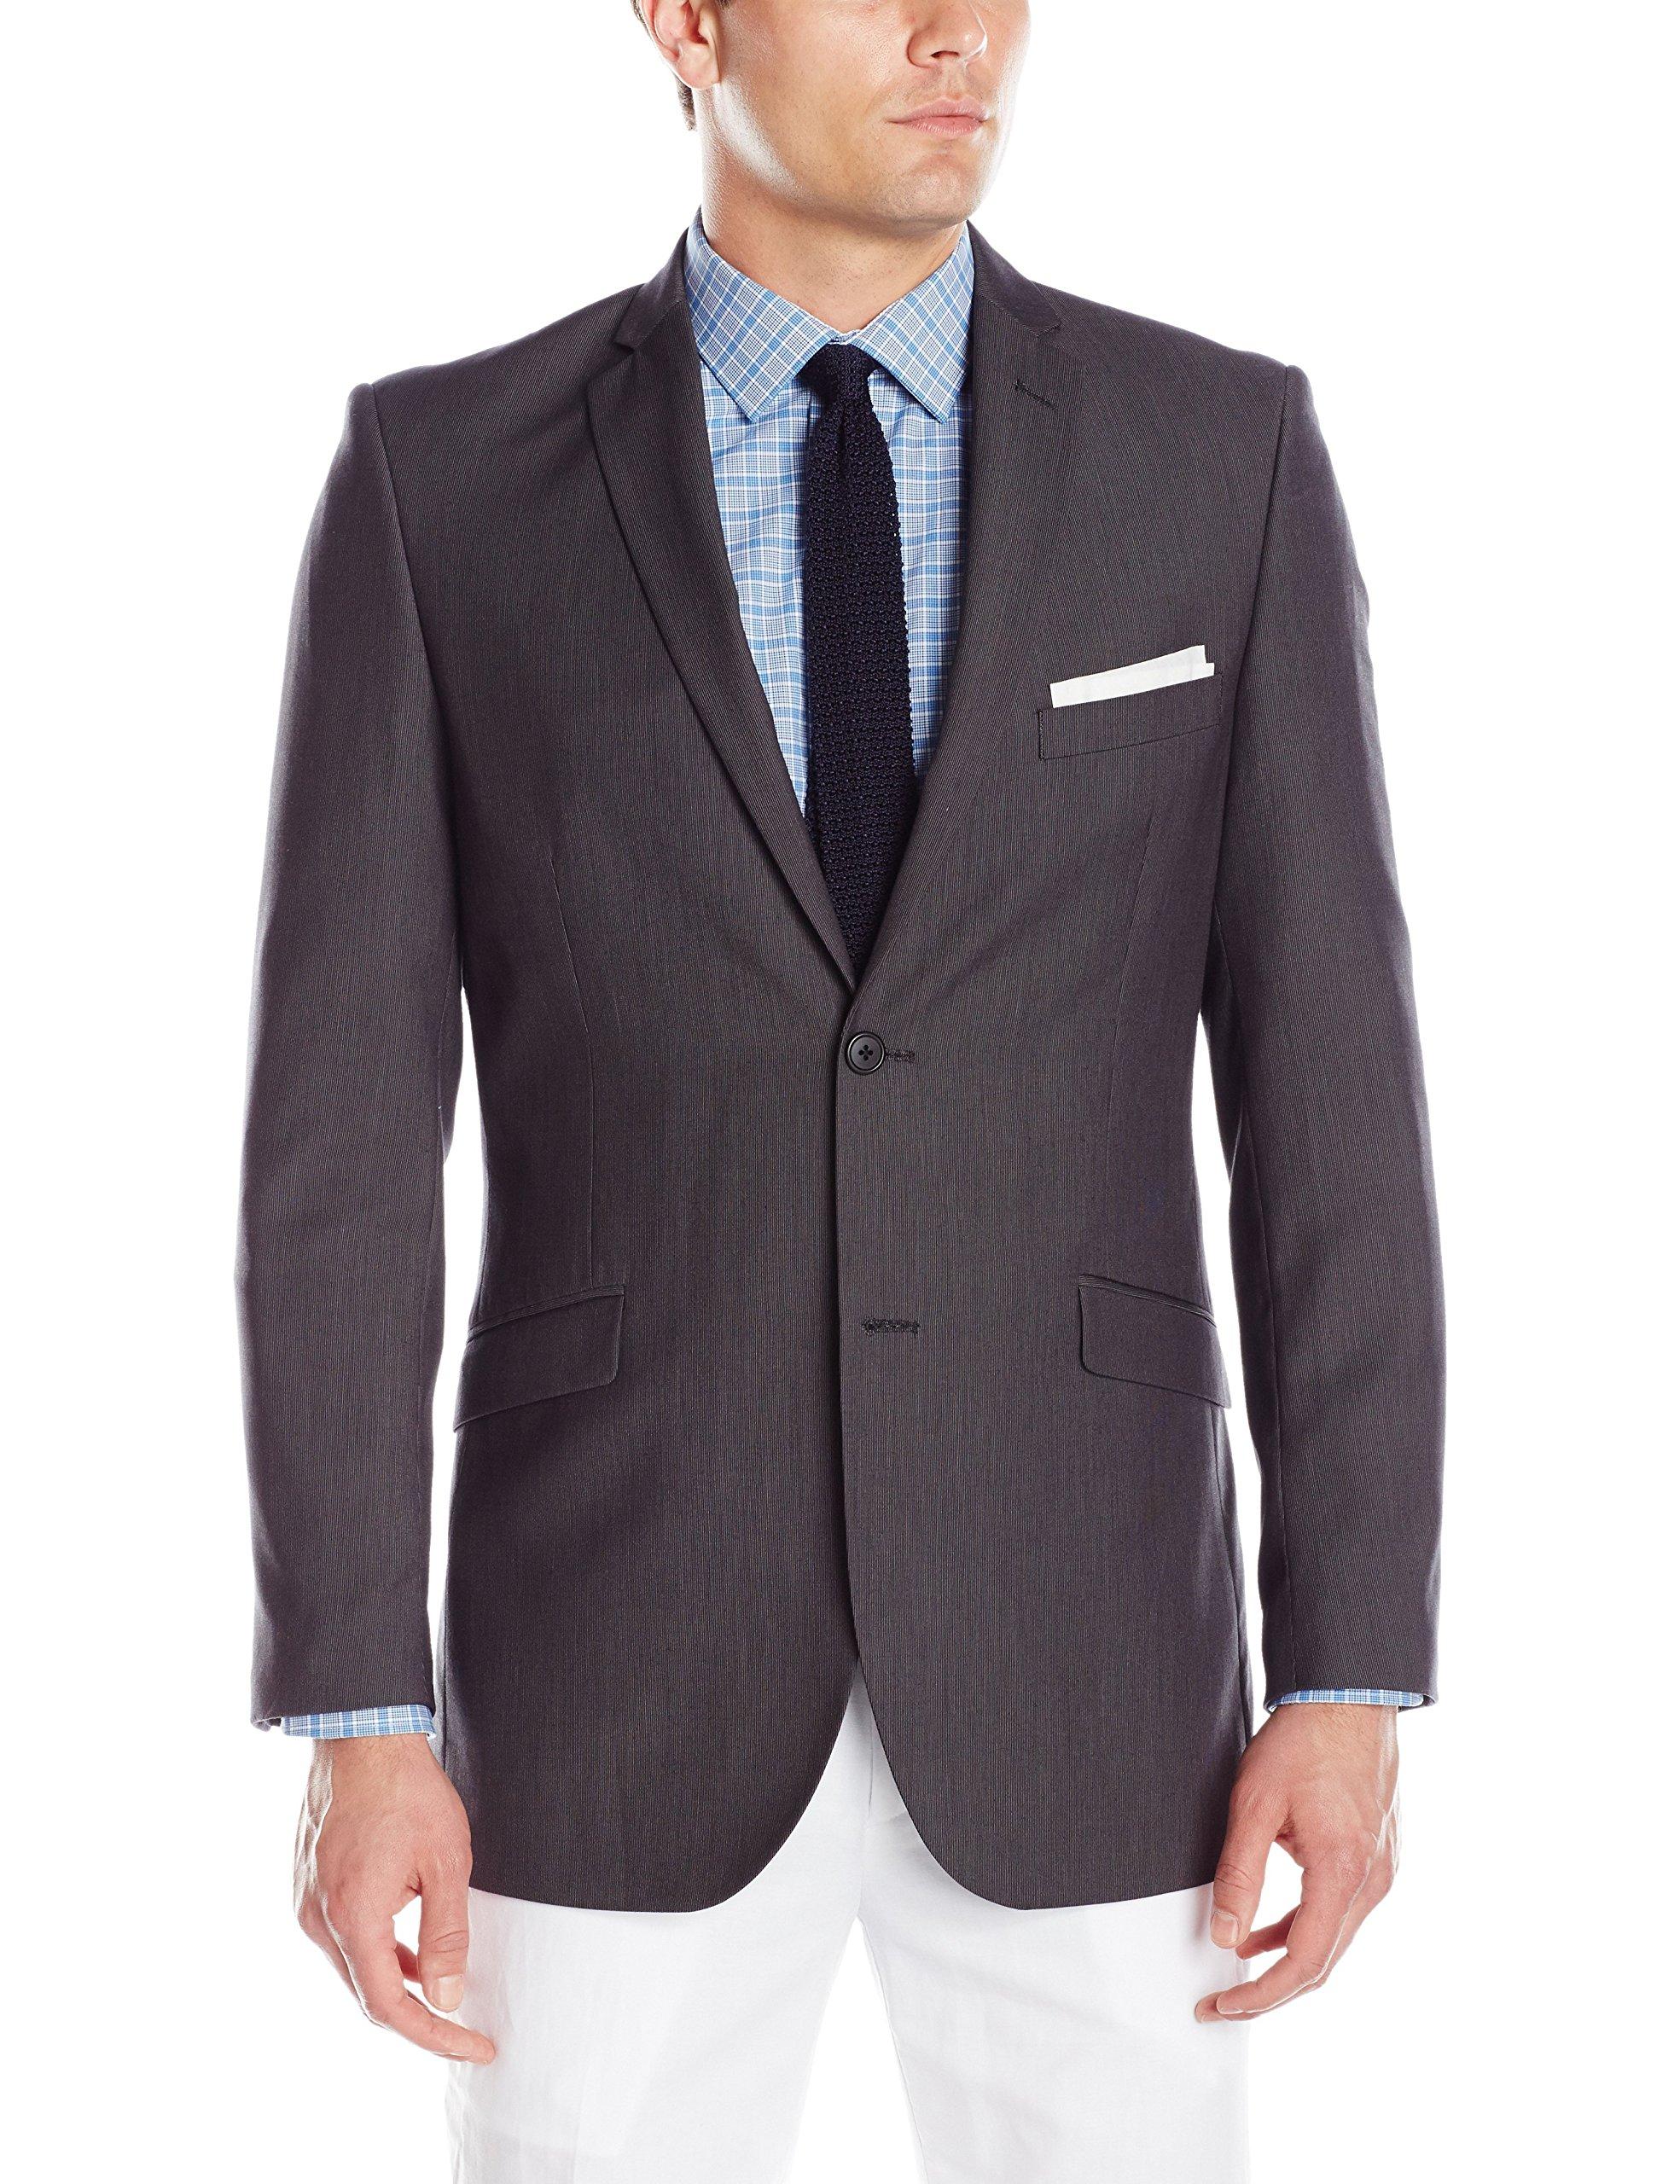 Adolfo Men's Featherbone Slim Fit Micro Tech Suit Jacket, Charcoal, 36 Short